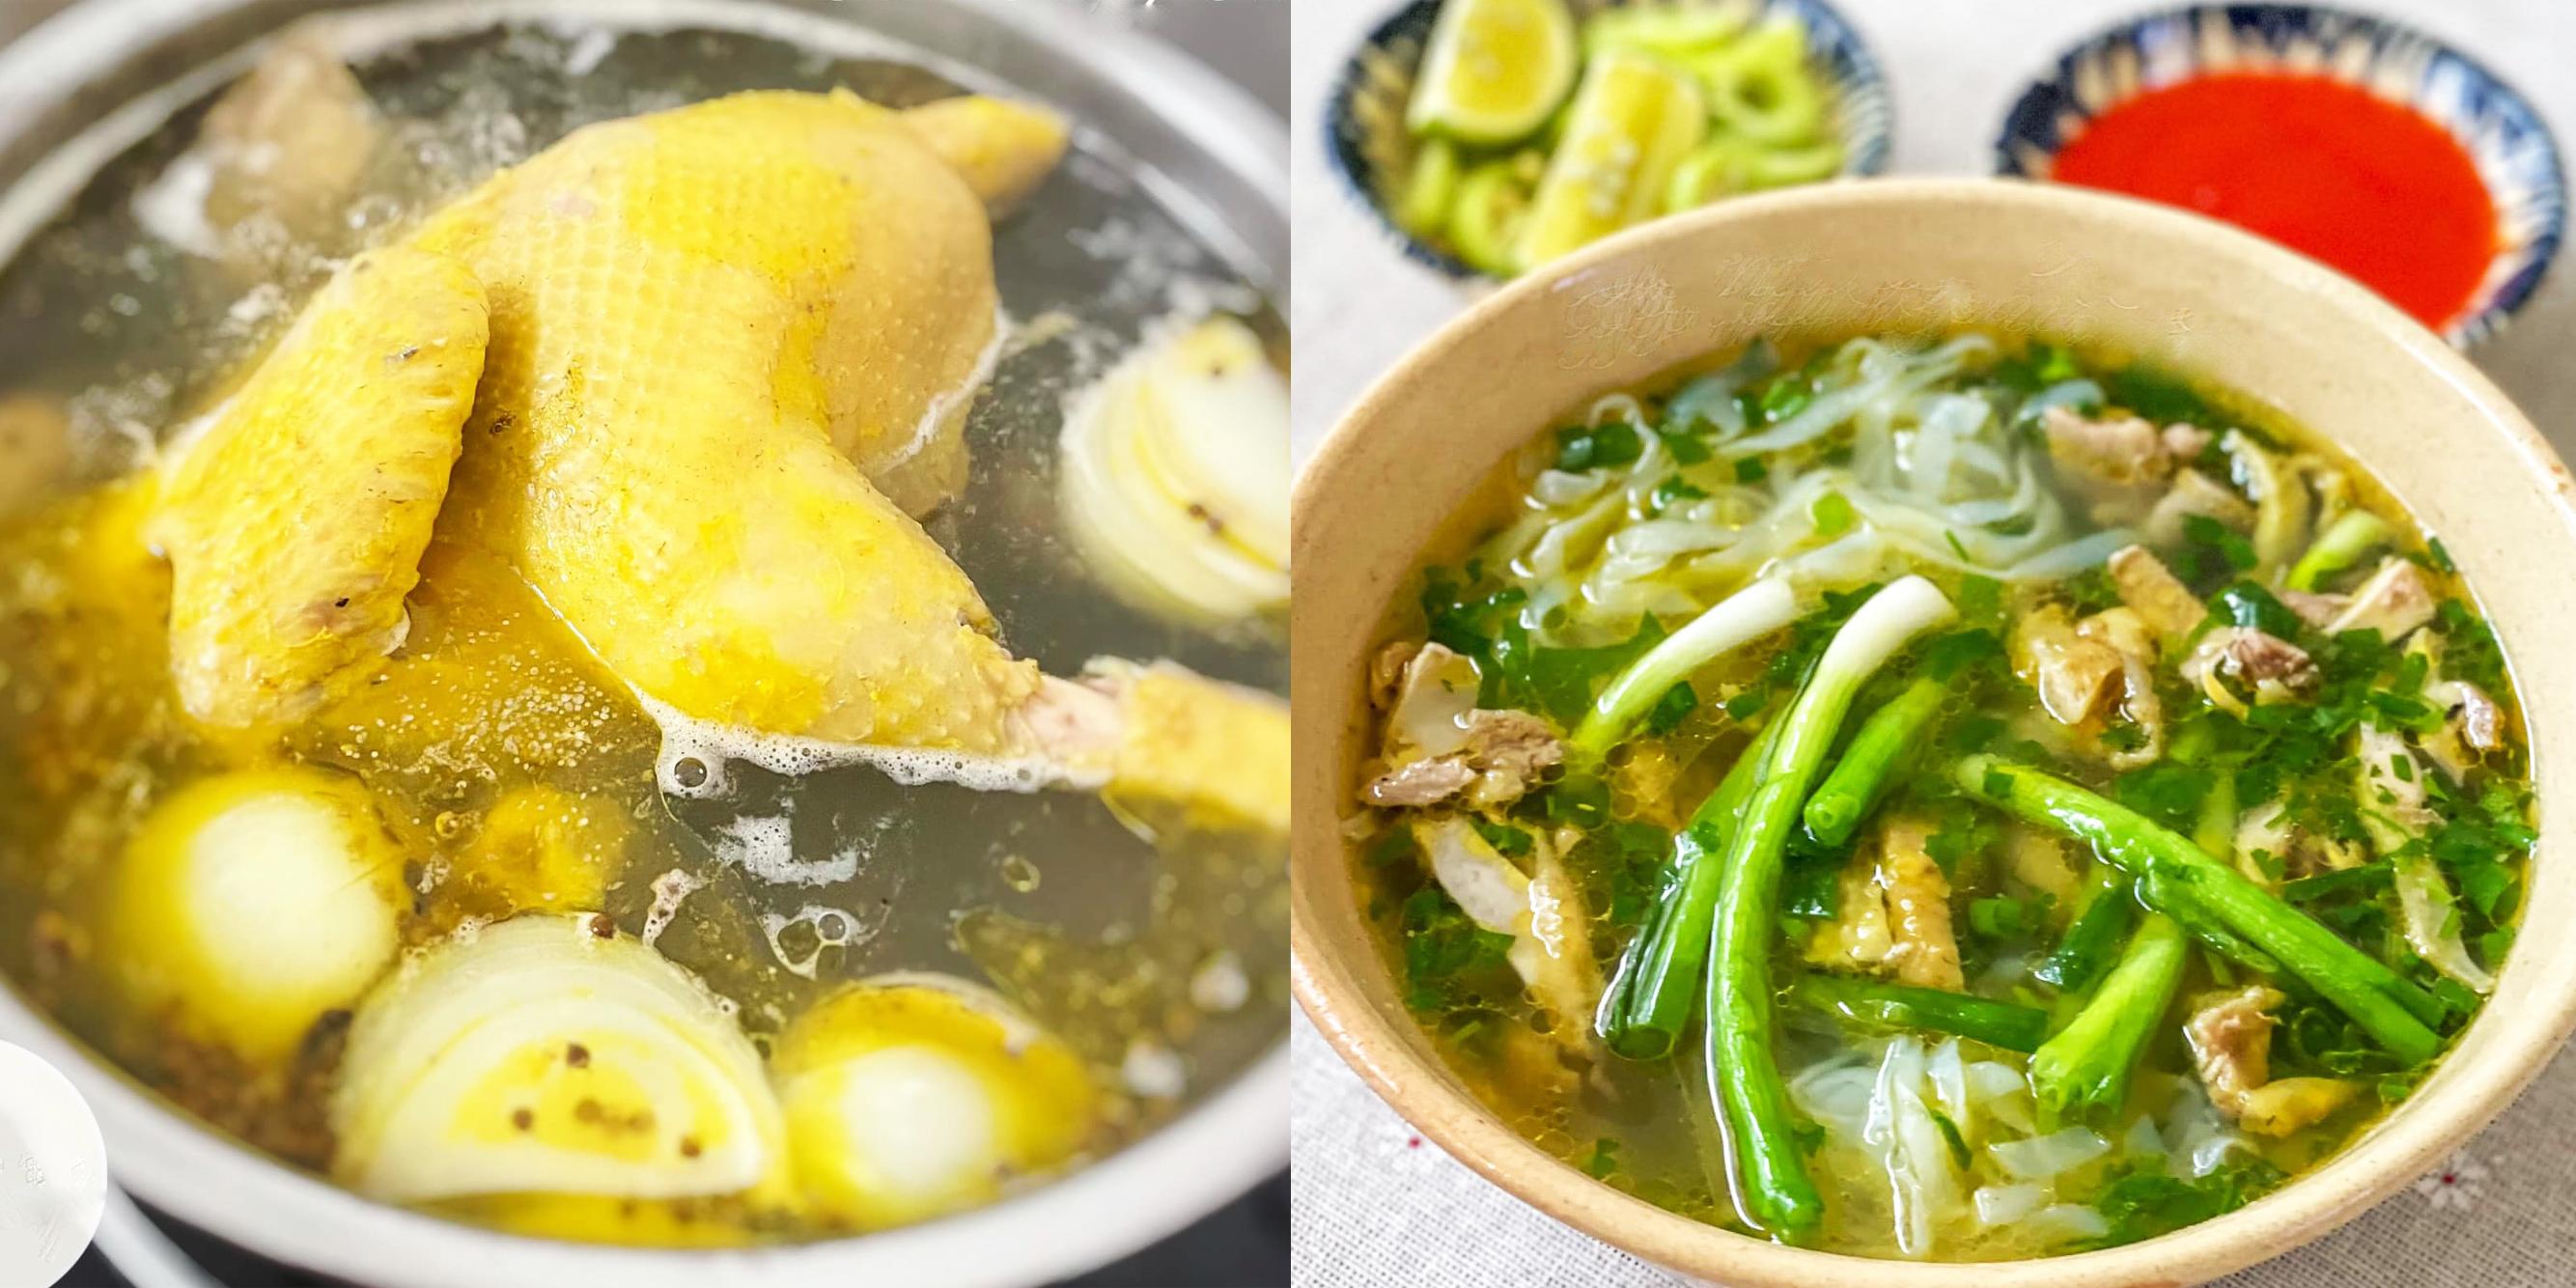 Công thức nấu phở gà ta ngọt thơm, nước dùng trong thanh mà đậm vị